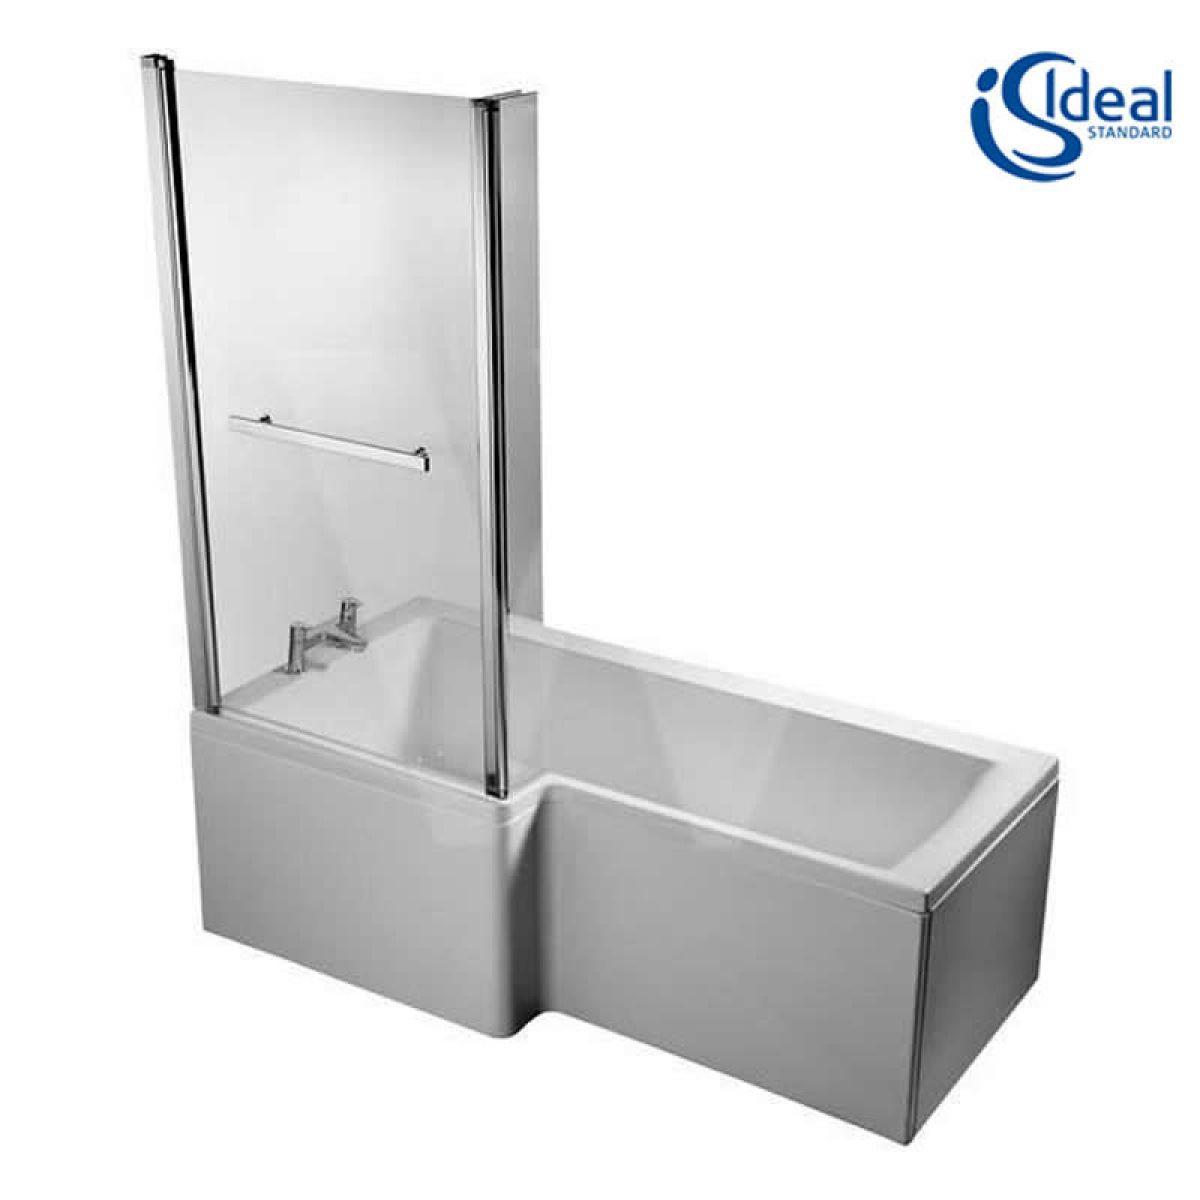 ideal standard concept space 1700mm square shower bath. Black Bedroom Furniture Sets. Home Design Ideas